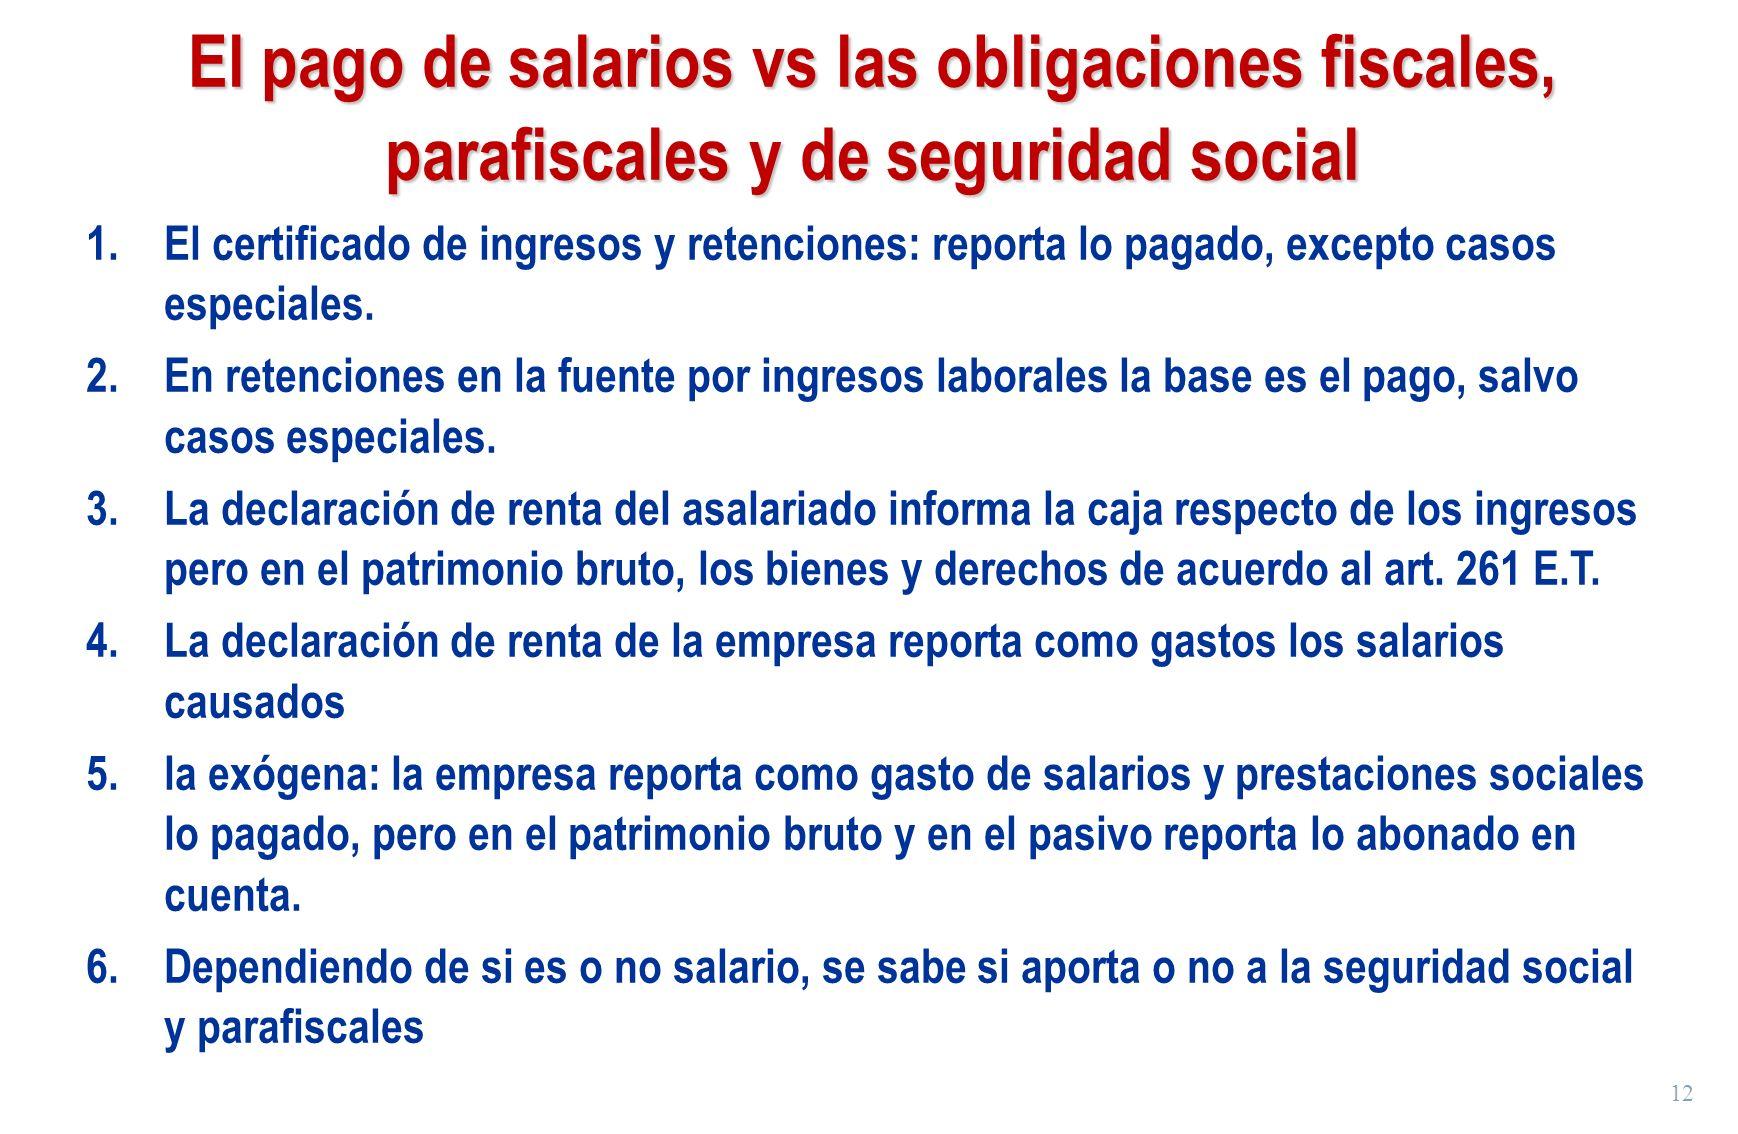 El pago de salarios vs las obligaciones fiscales, parafiscales y de seguridad social